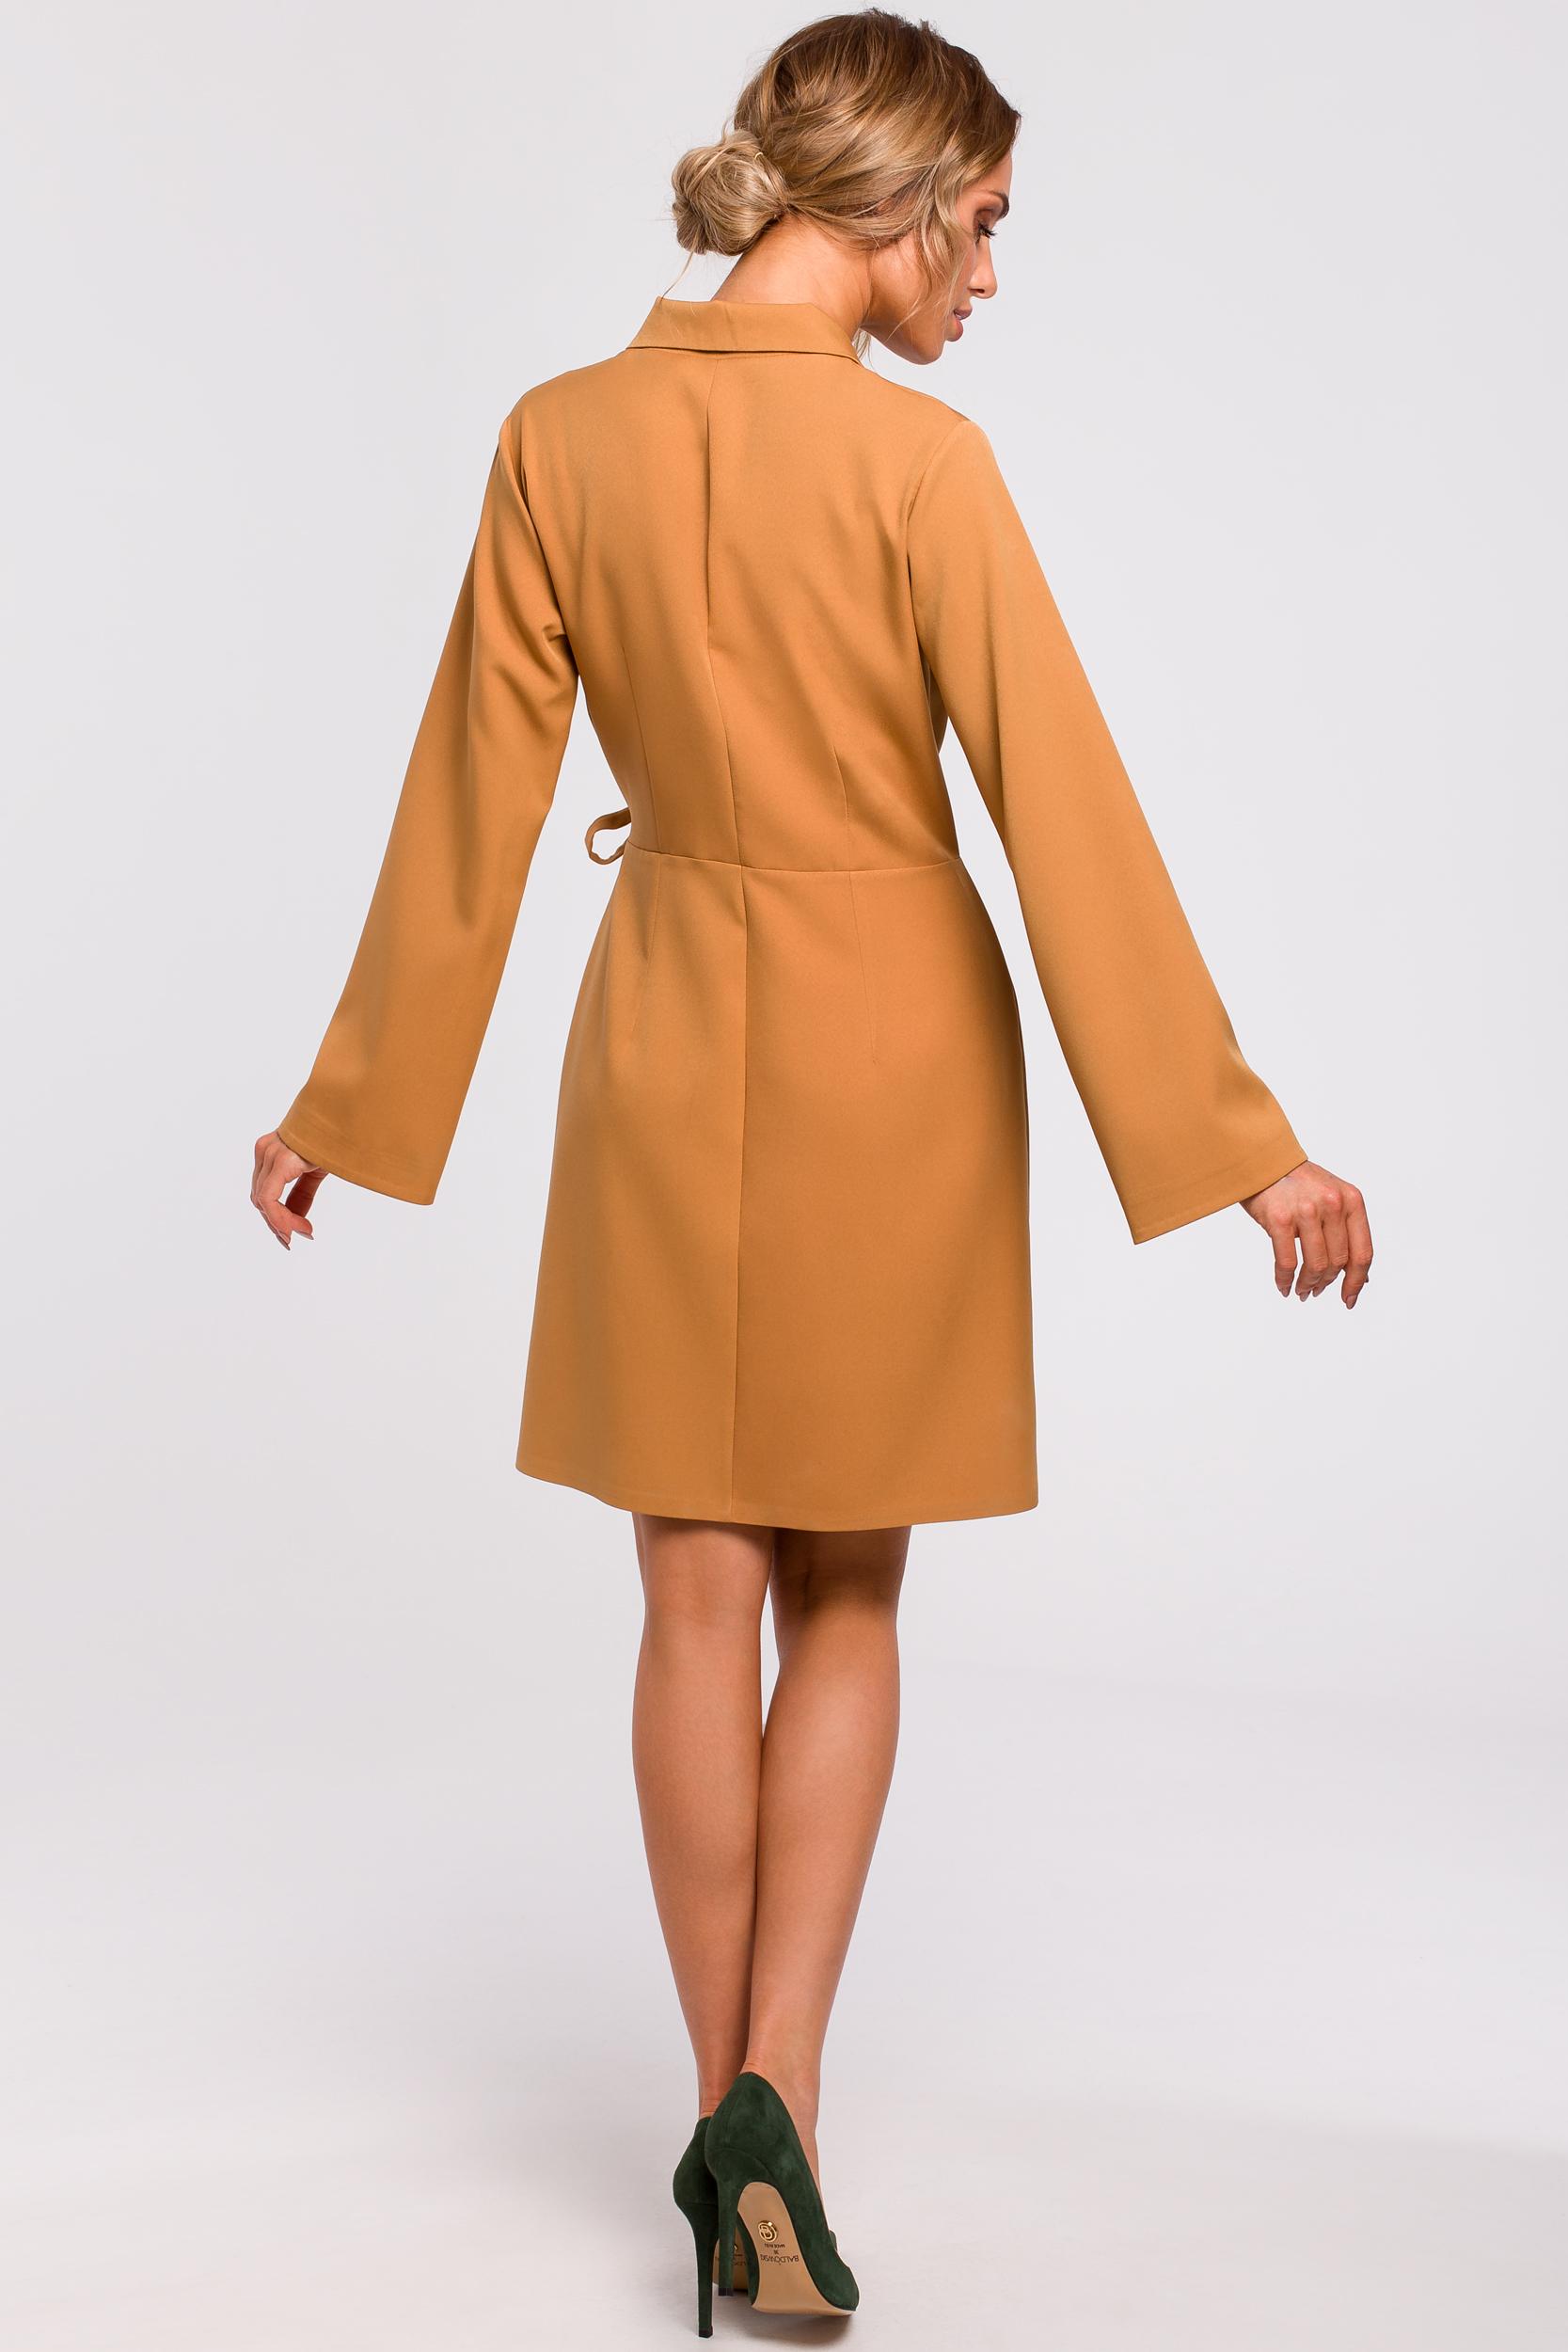 Sukienka kopertowa do kolan cynamonowa s